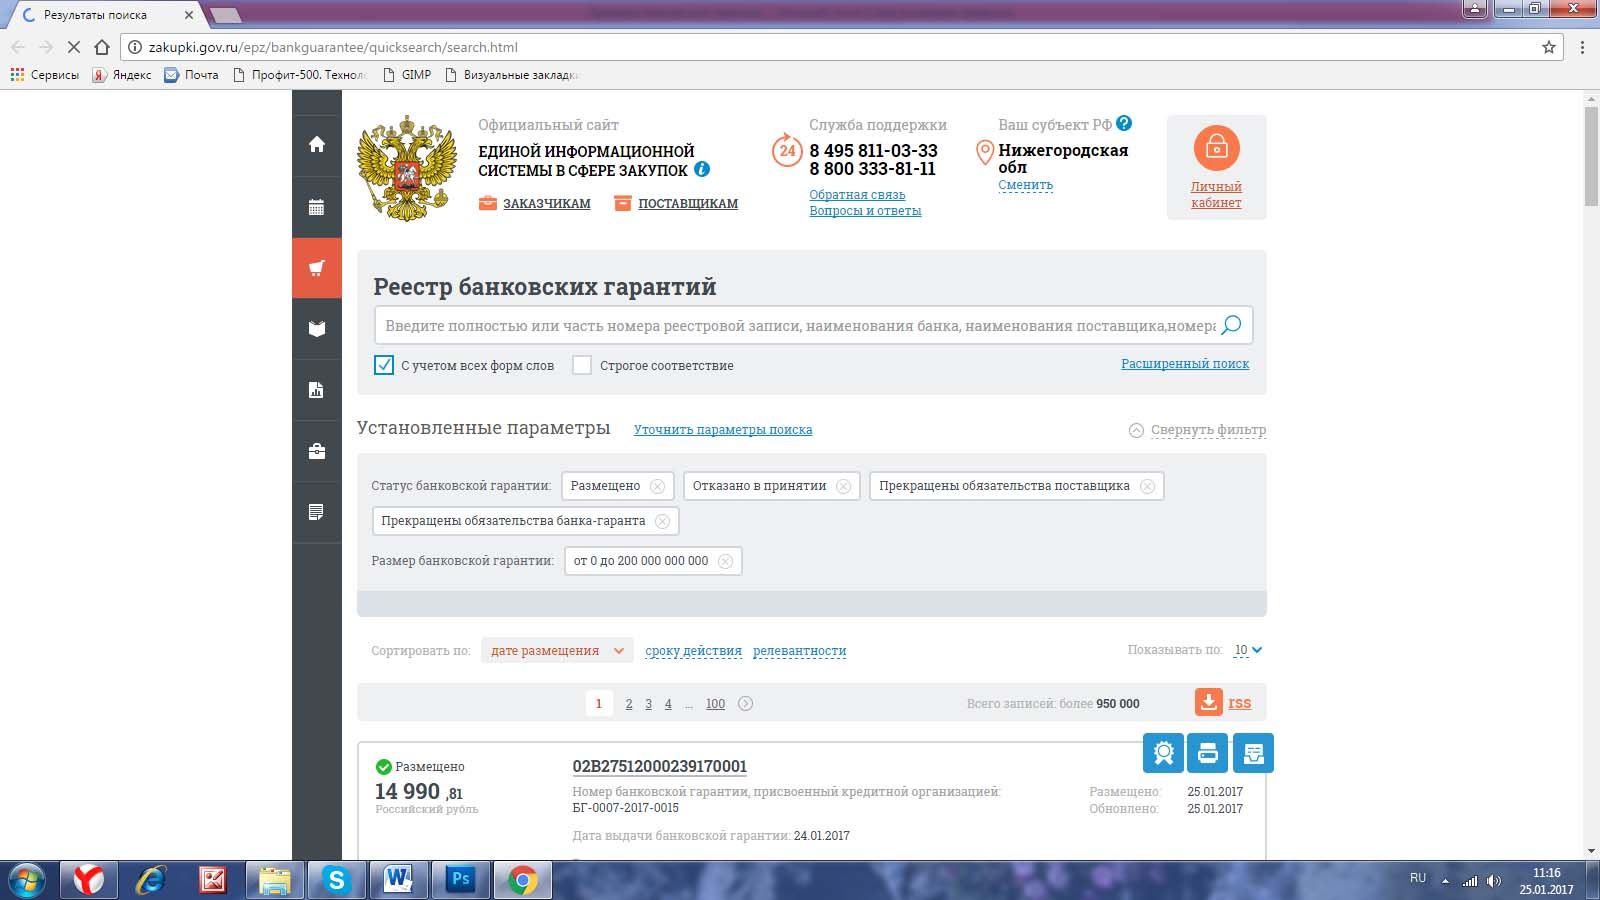 Агентский портал хоум кредит регистрация в системе